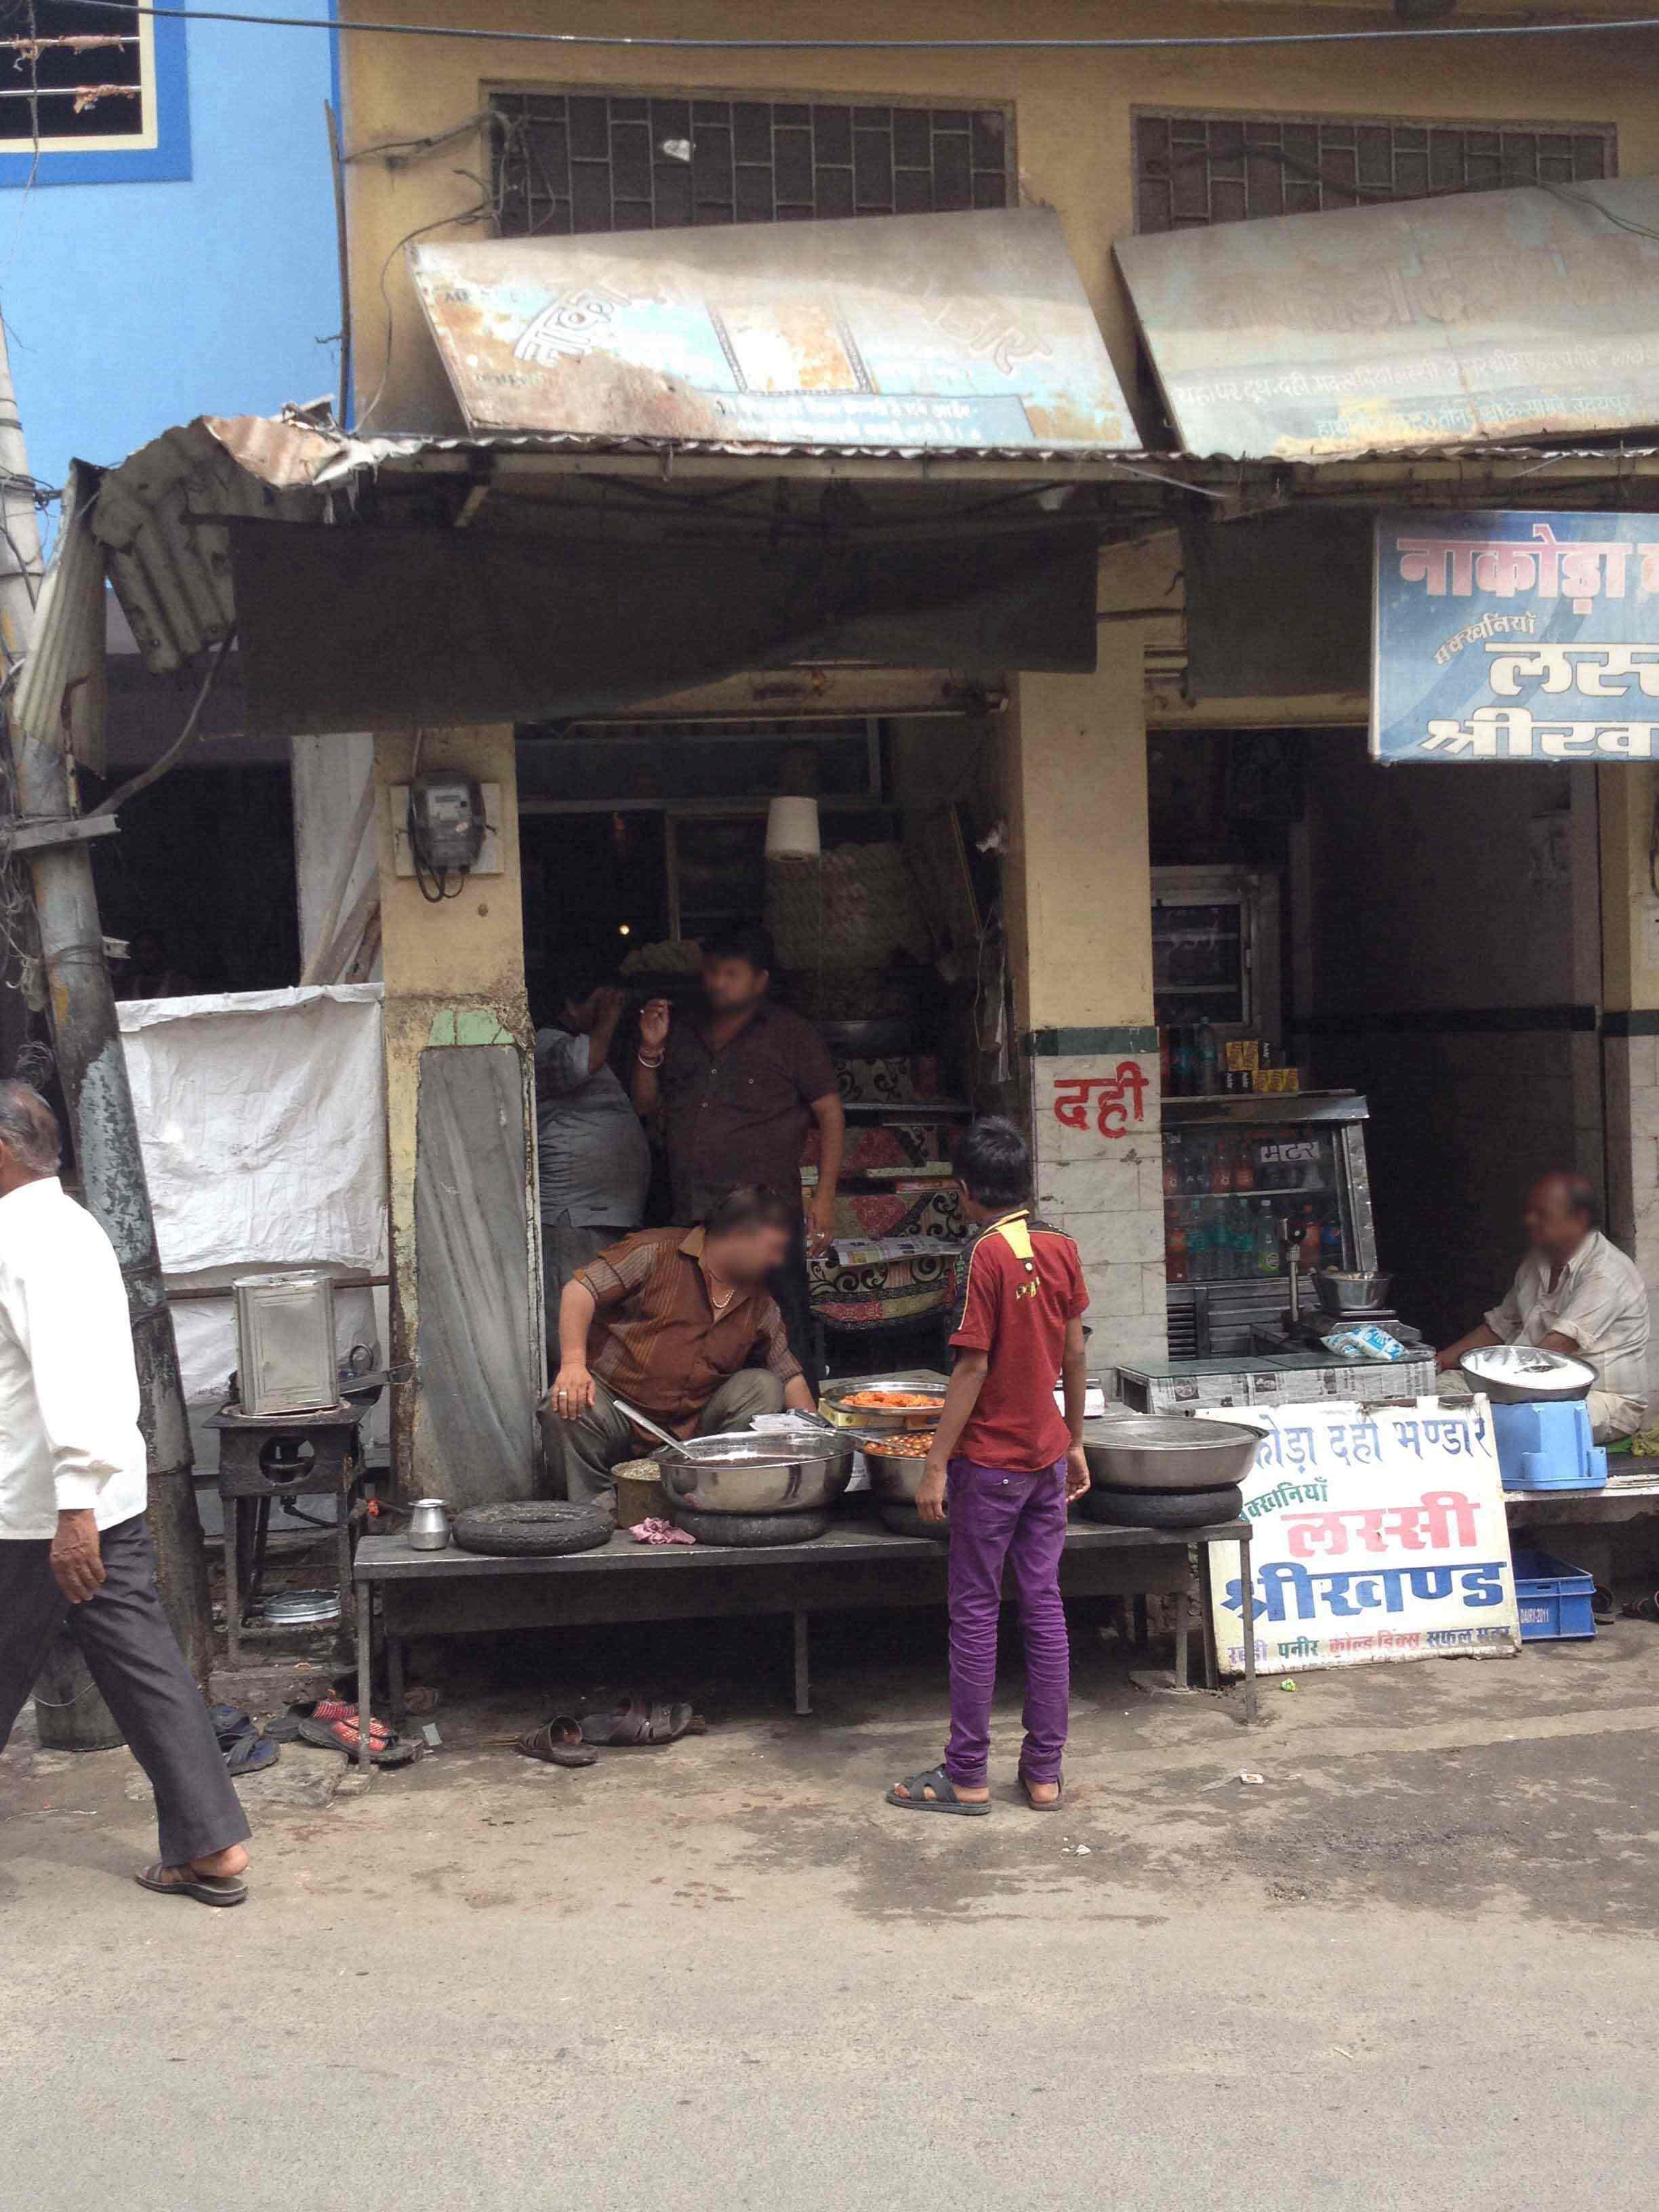 Nakoda Mishthan - Chandpole - Udaipur Image